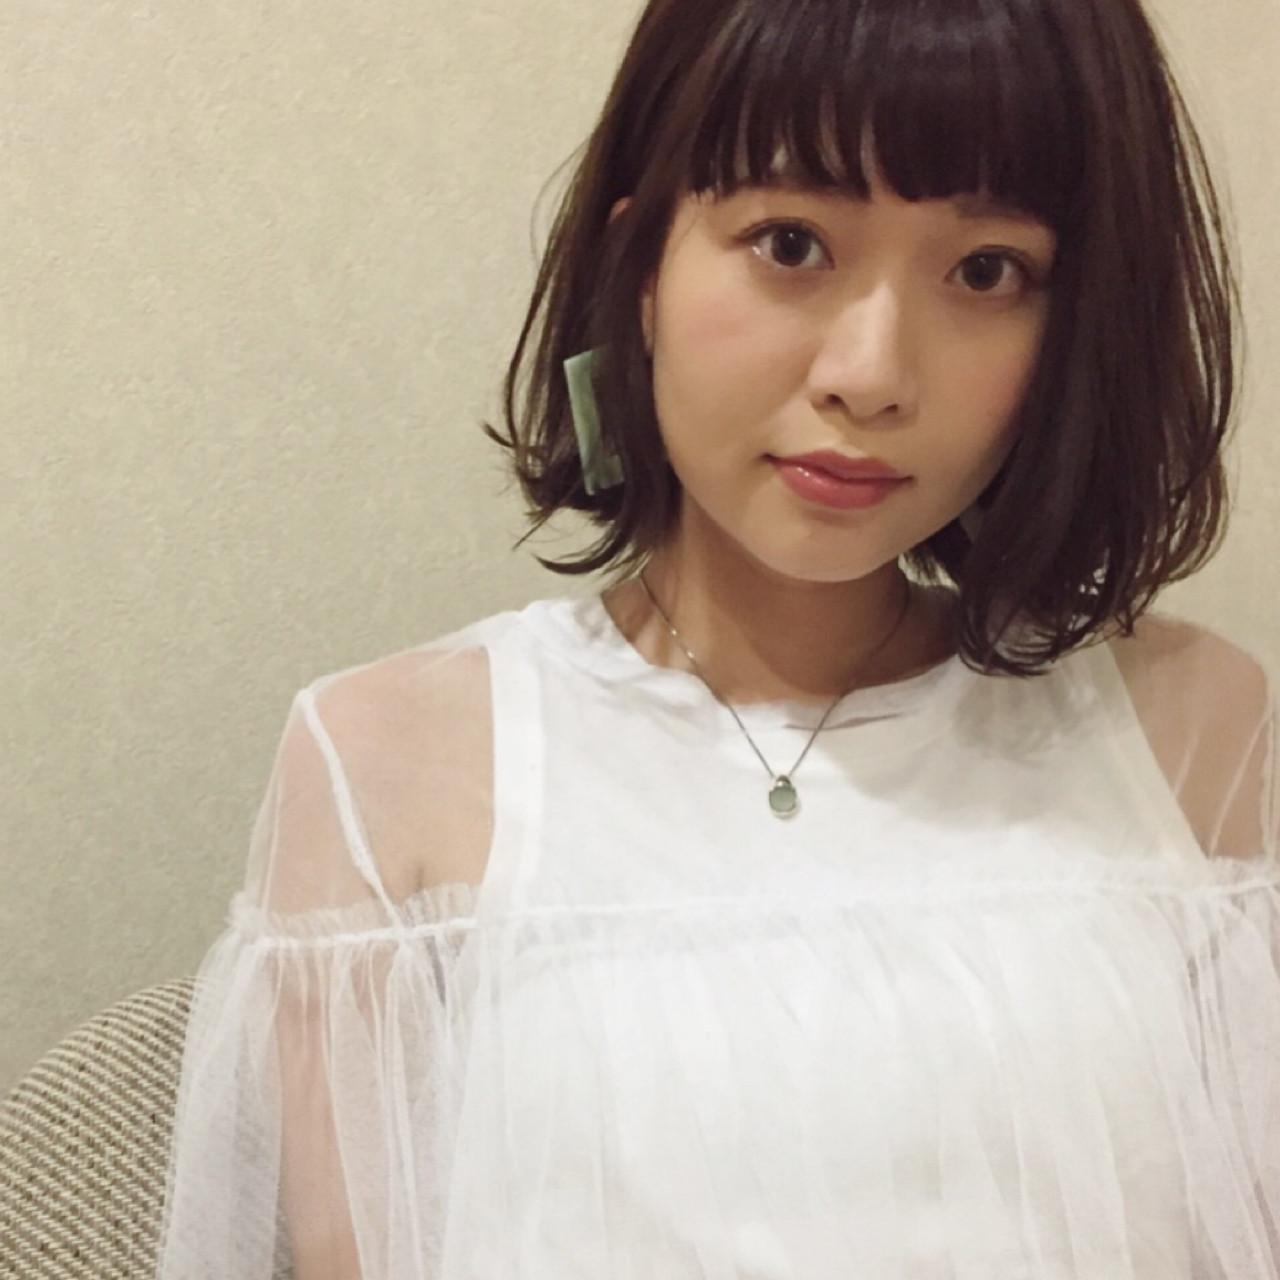 前髪あり ガーリー ボブ 雨の日 ヘアスタイルや髪型の写真・画像 | 小走 祥菜 / tricca daikanyama